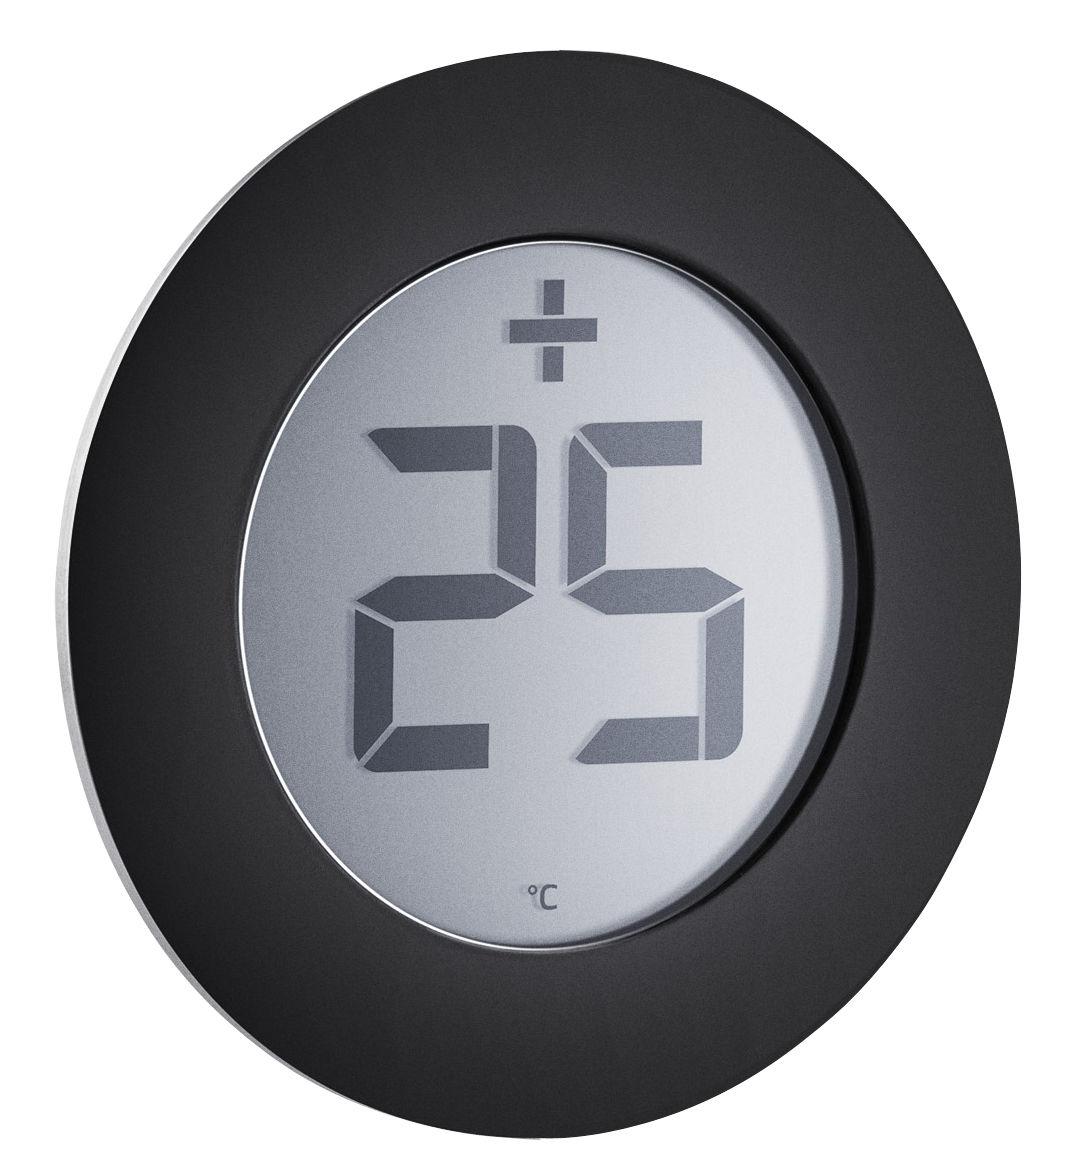 Jardin - Déco et accessoires - Thermomètre digital d'extérieur / Autocollant - Pour fenêtre - Eva Solo - Acier & noir - Acier, Thermoplastique